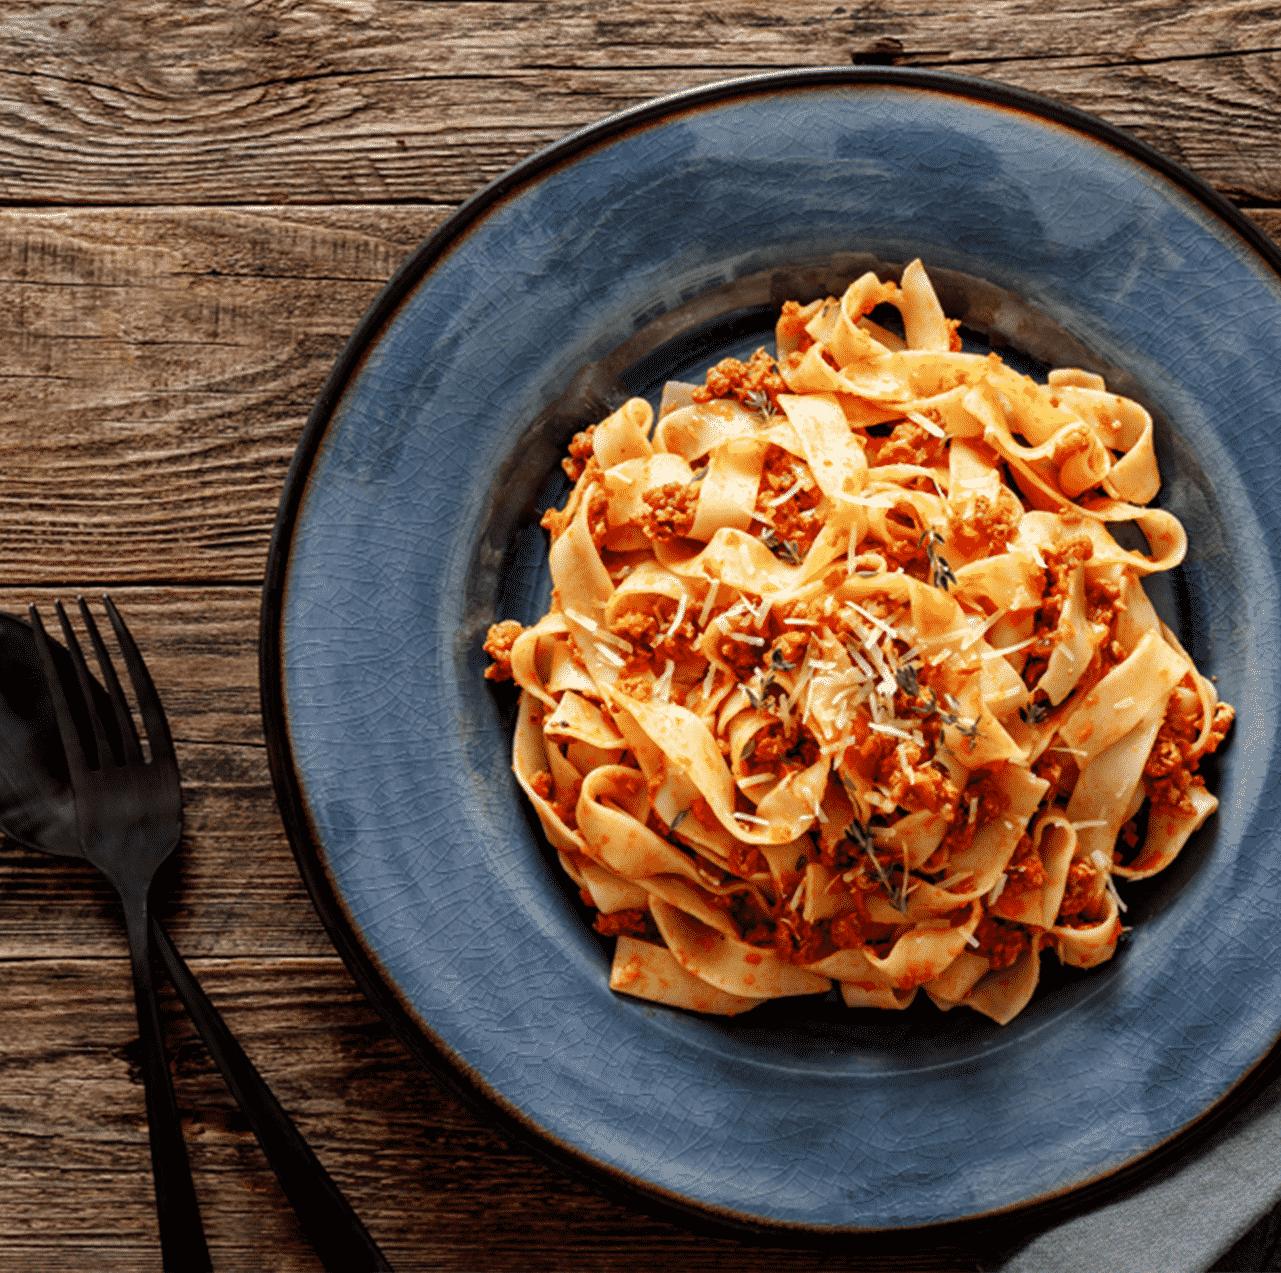 Verpflegung im Homeoffice Pasta auf Teller